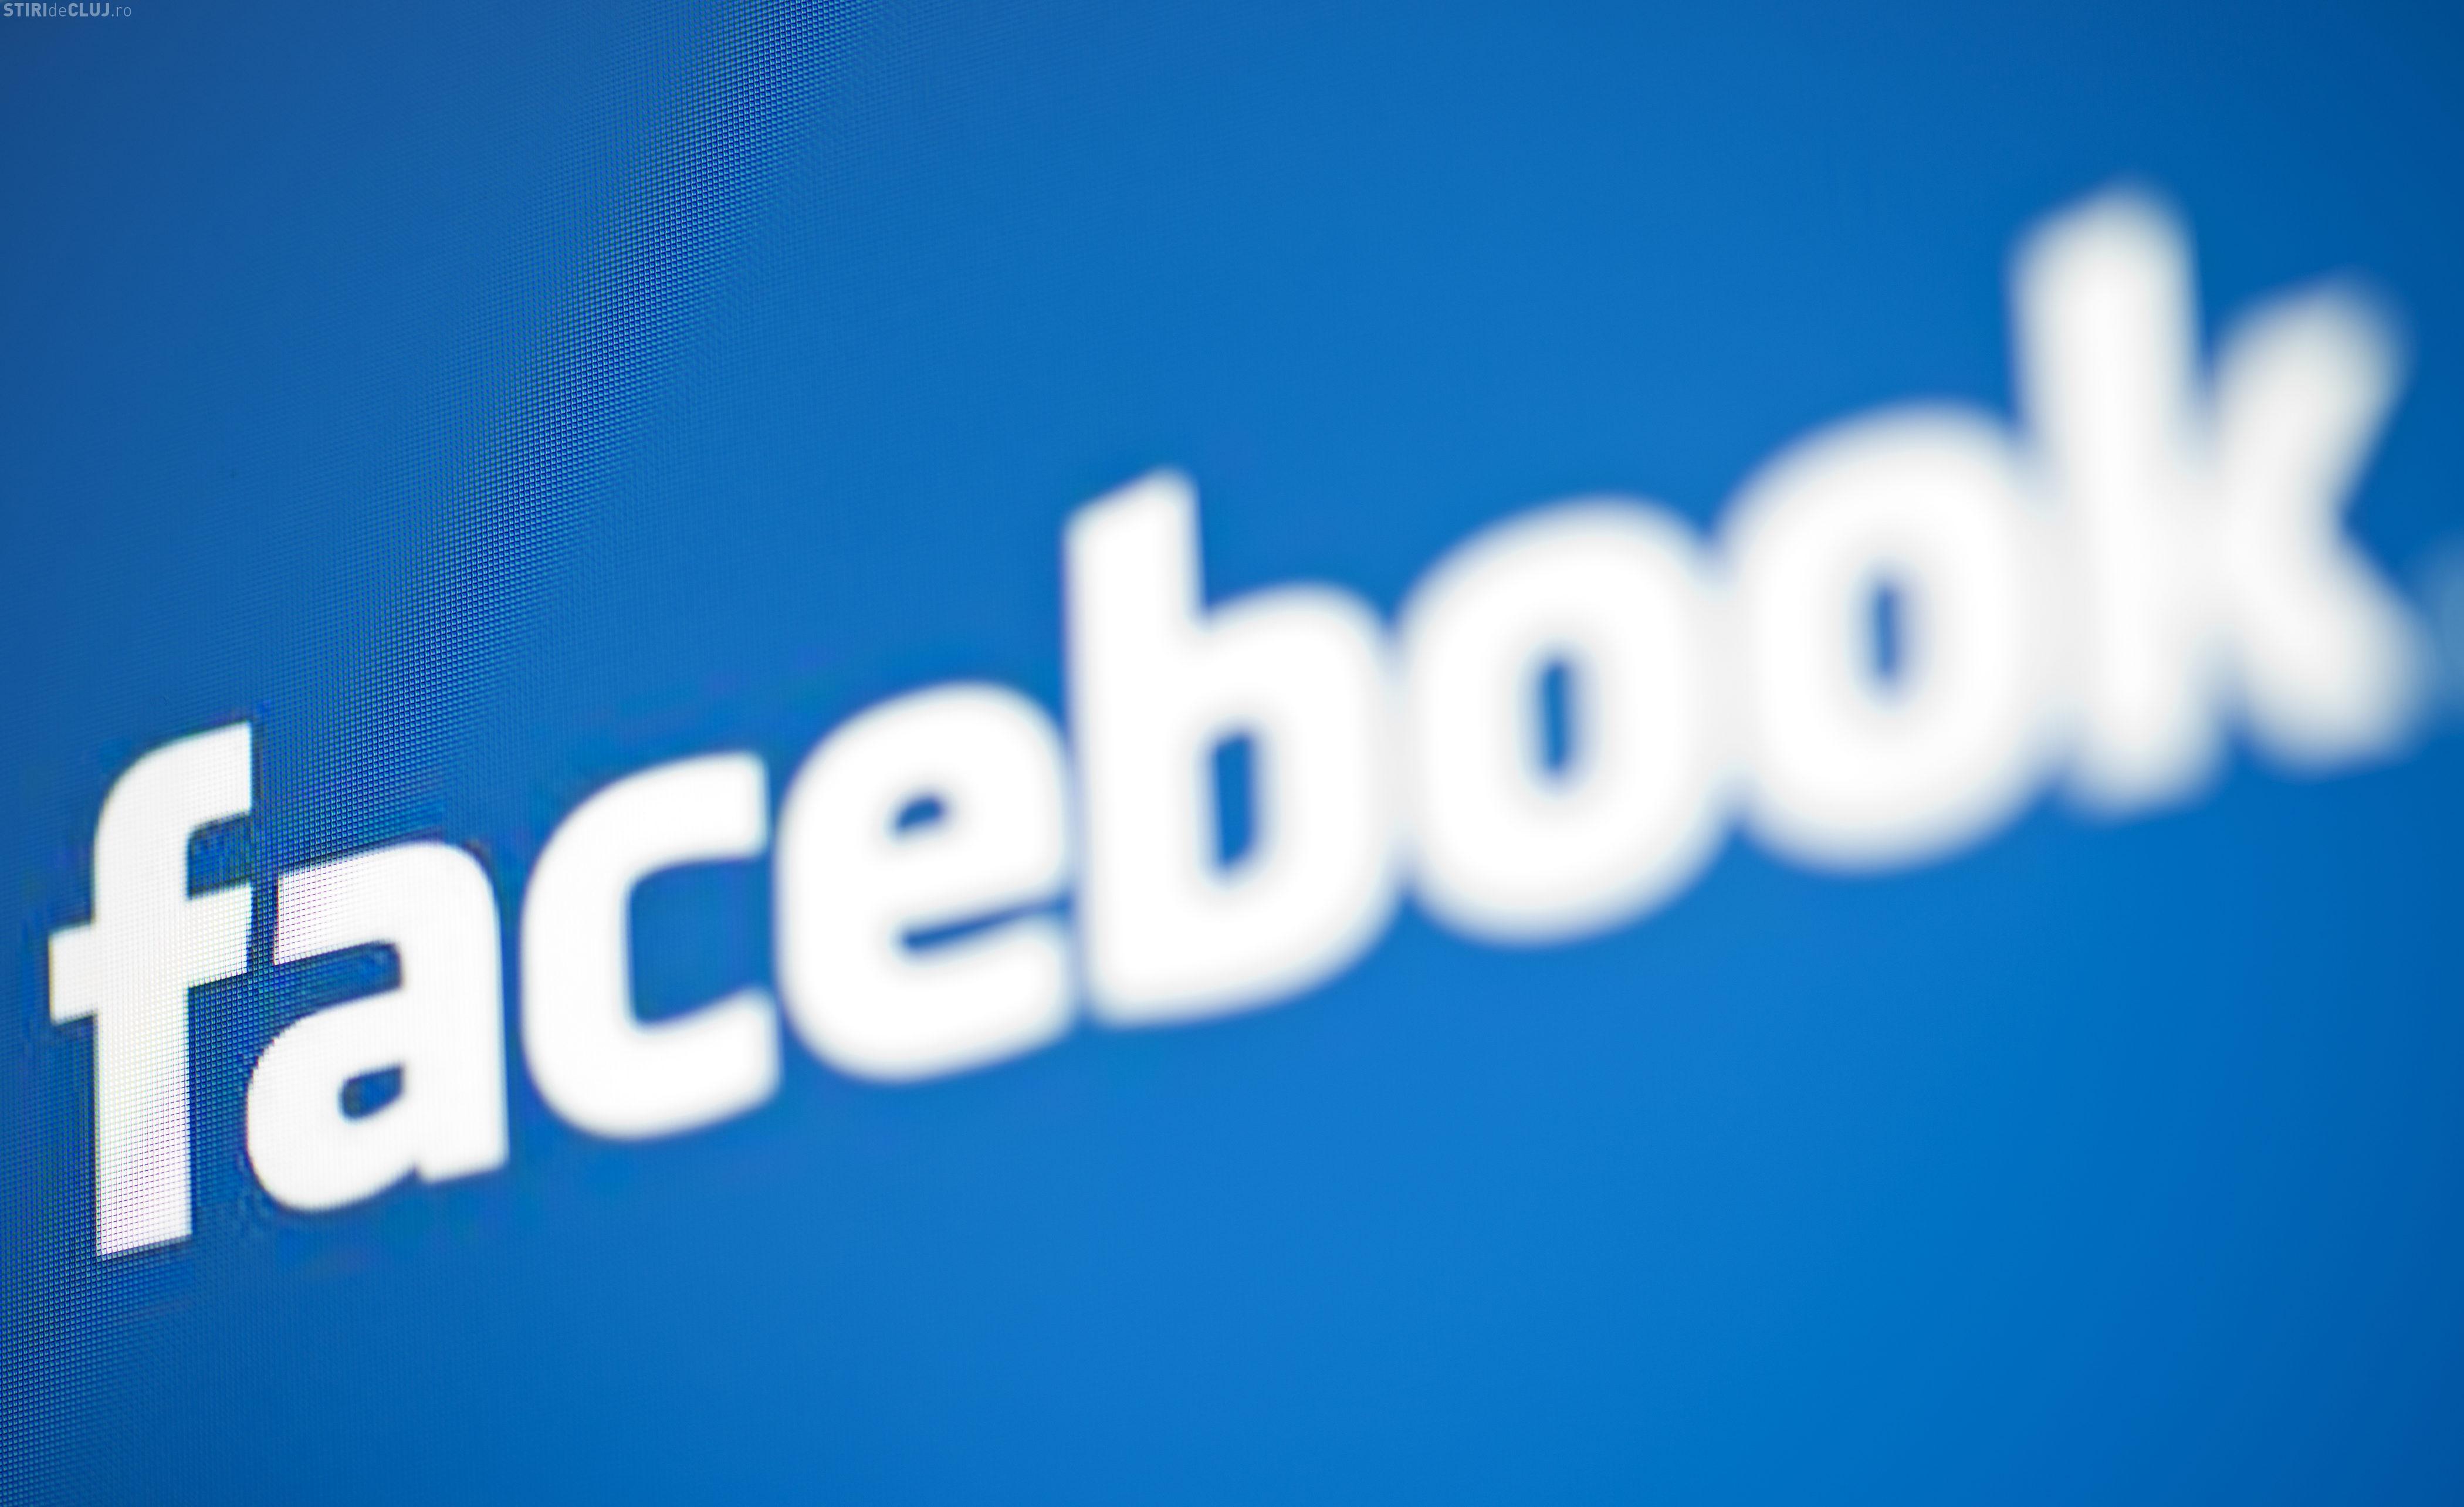 Cum poți discuta cu prietenii de pe Facebook, fără să mai intri pe Facebook. Vezi ce decizie a luat compania